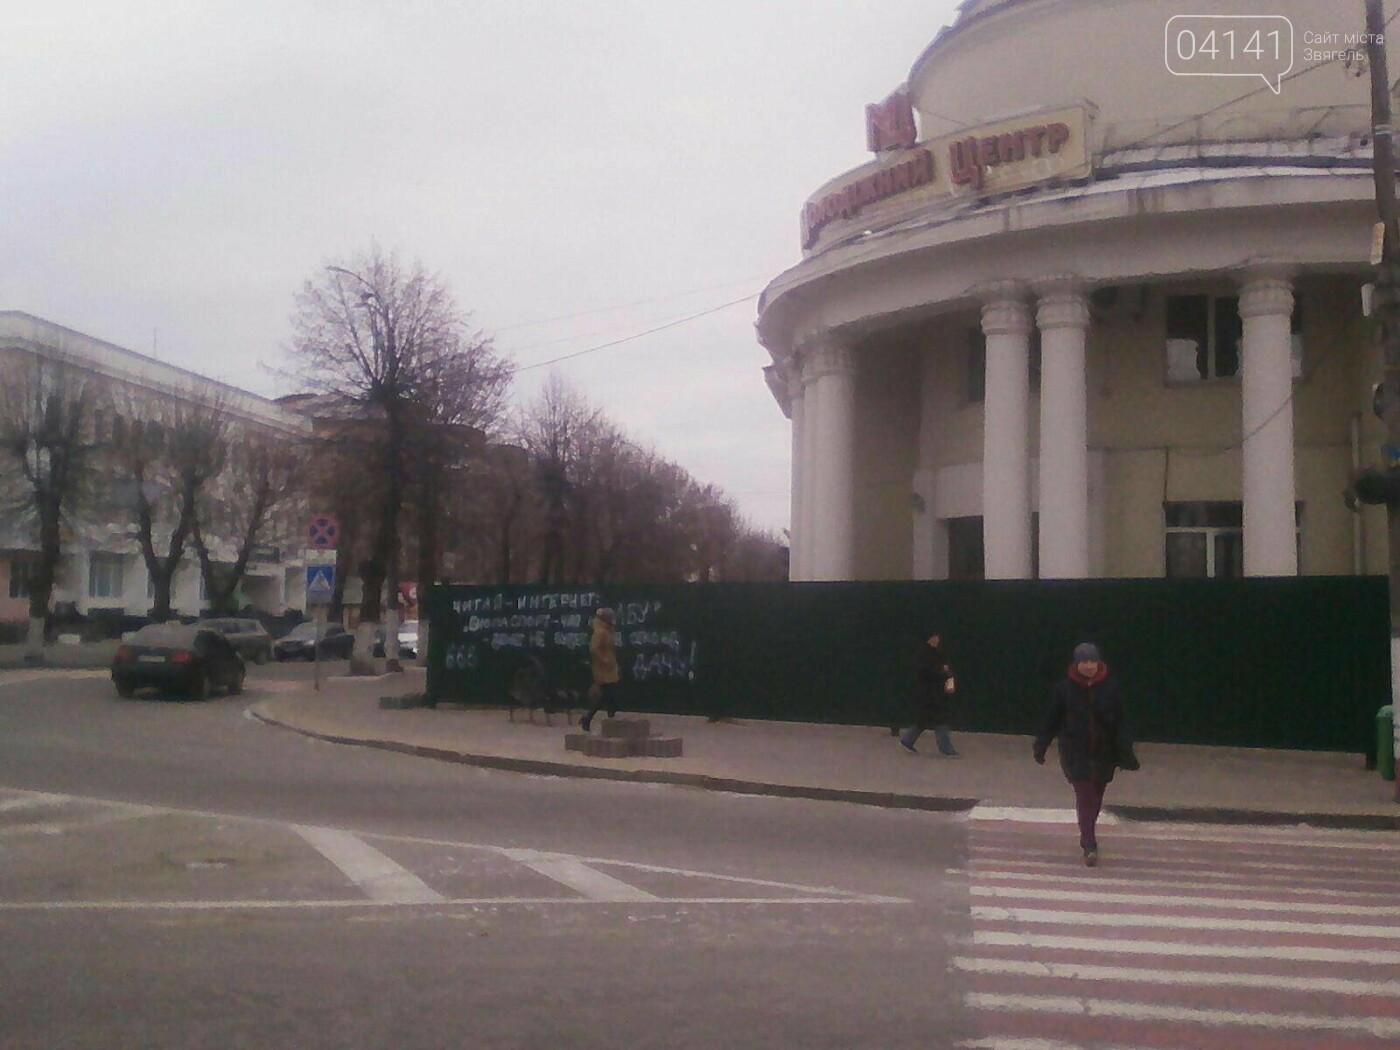 «Биопаспорт-чип на ЛБУ»: Російський слід дивних написів в Новограді-Волинському, фото-1